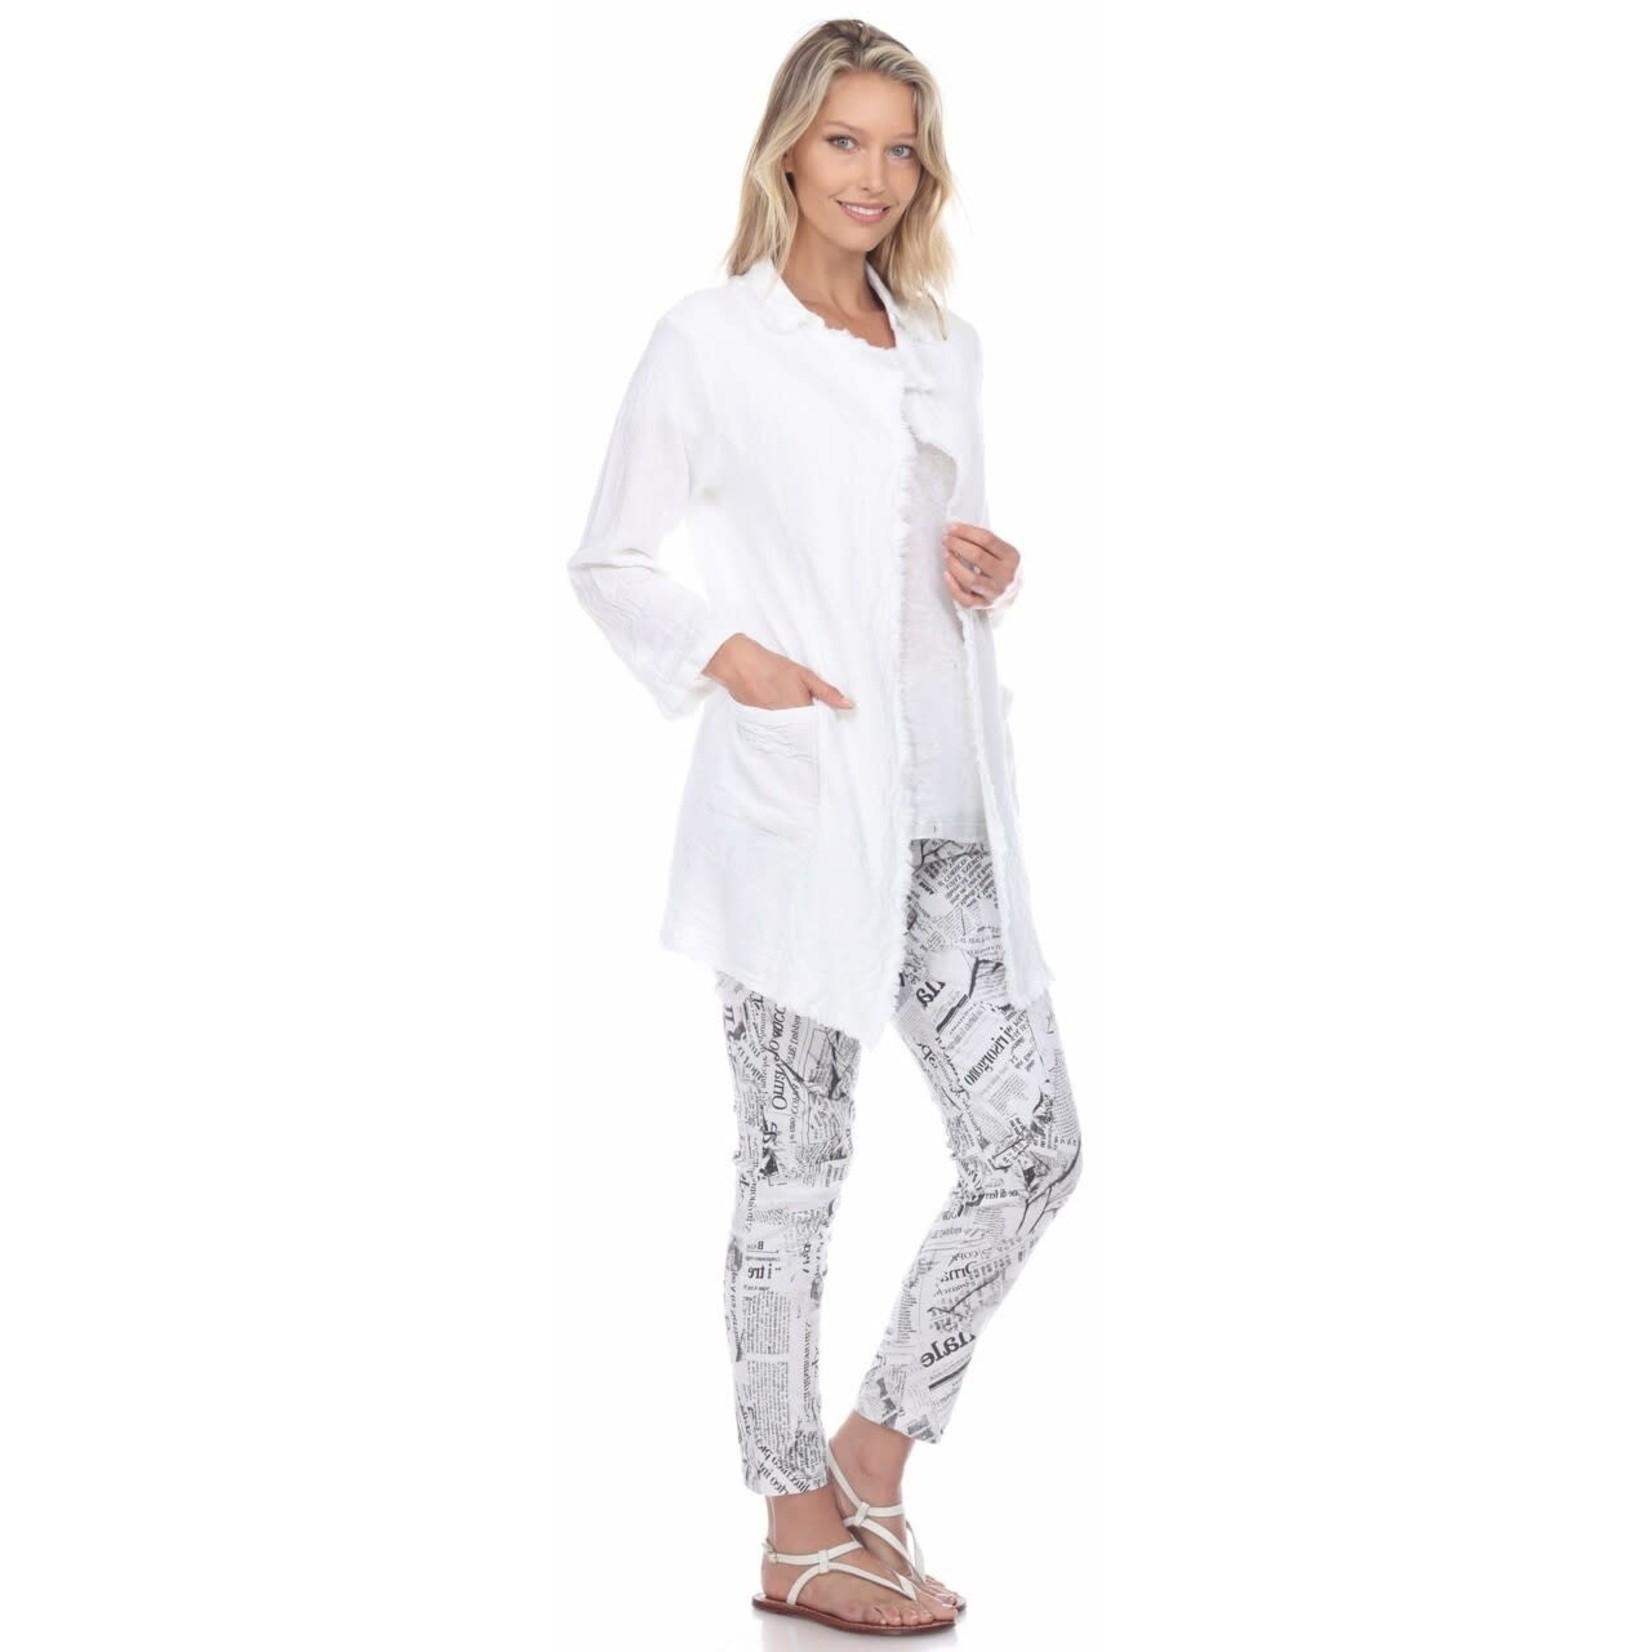 Flora Ashley White Jacket w/ Fringe Hem and Pockets